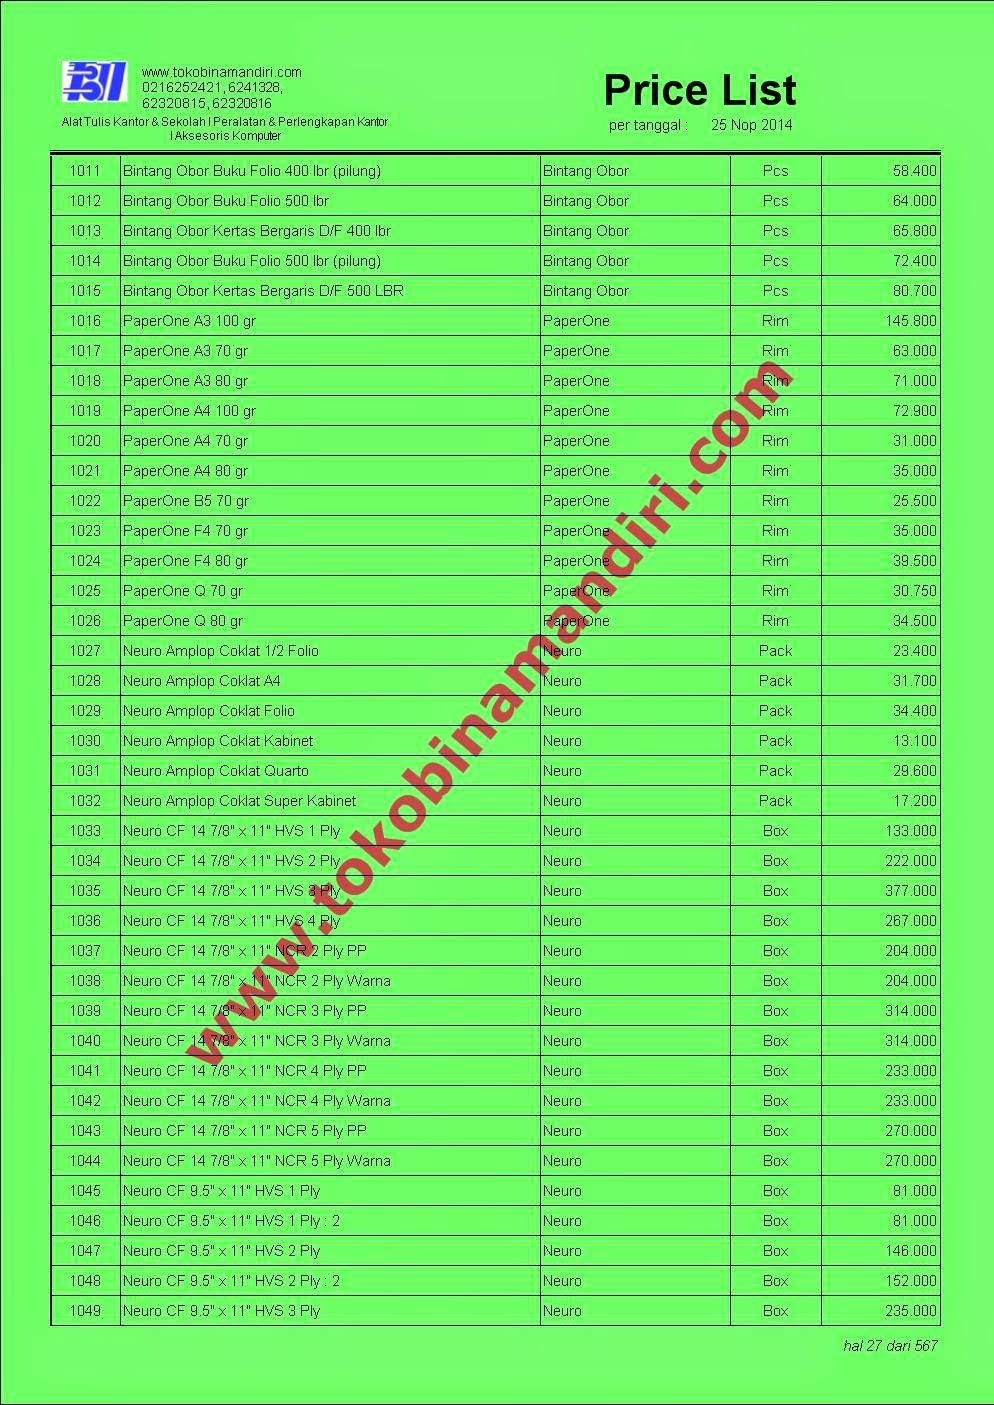 daftar harga peralatan sekolah | CV. Bina Mandiri - toko alat tulis kantor agen perlengkapan sekolah